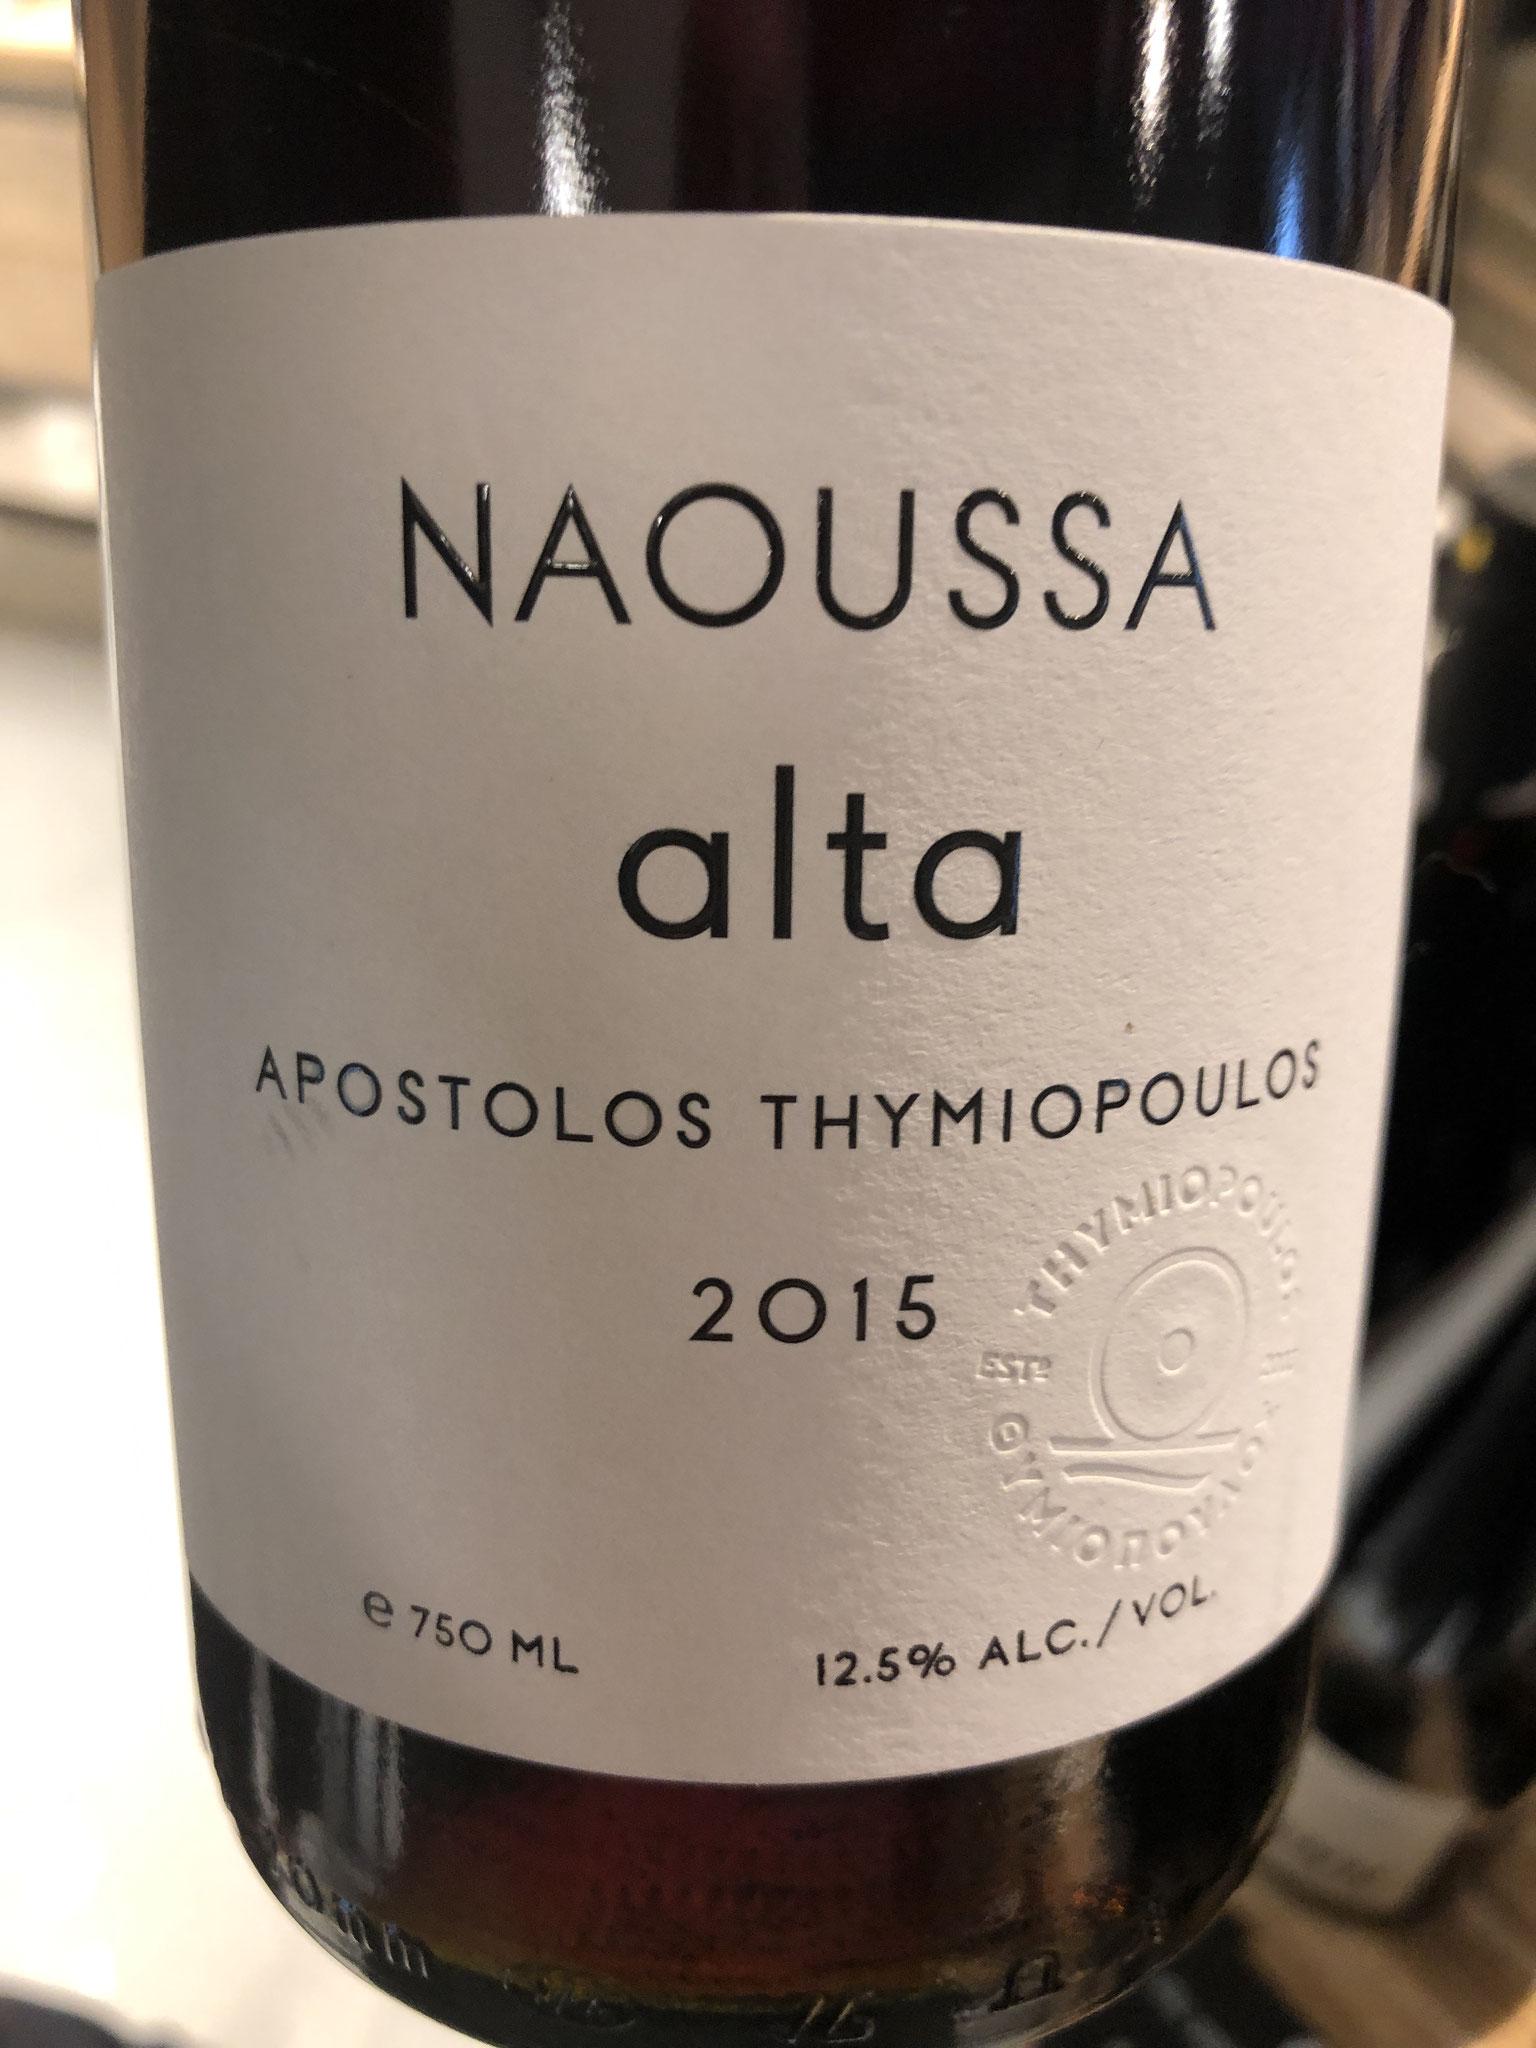 100% Xinomavro druif uit noordwesten van Griekenland, Naoussa regio. Licht geel, Veel terroir in de neus, strak en vrij kort.